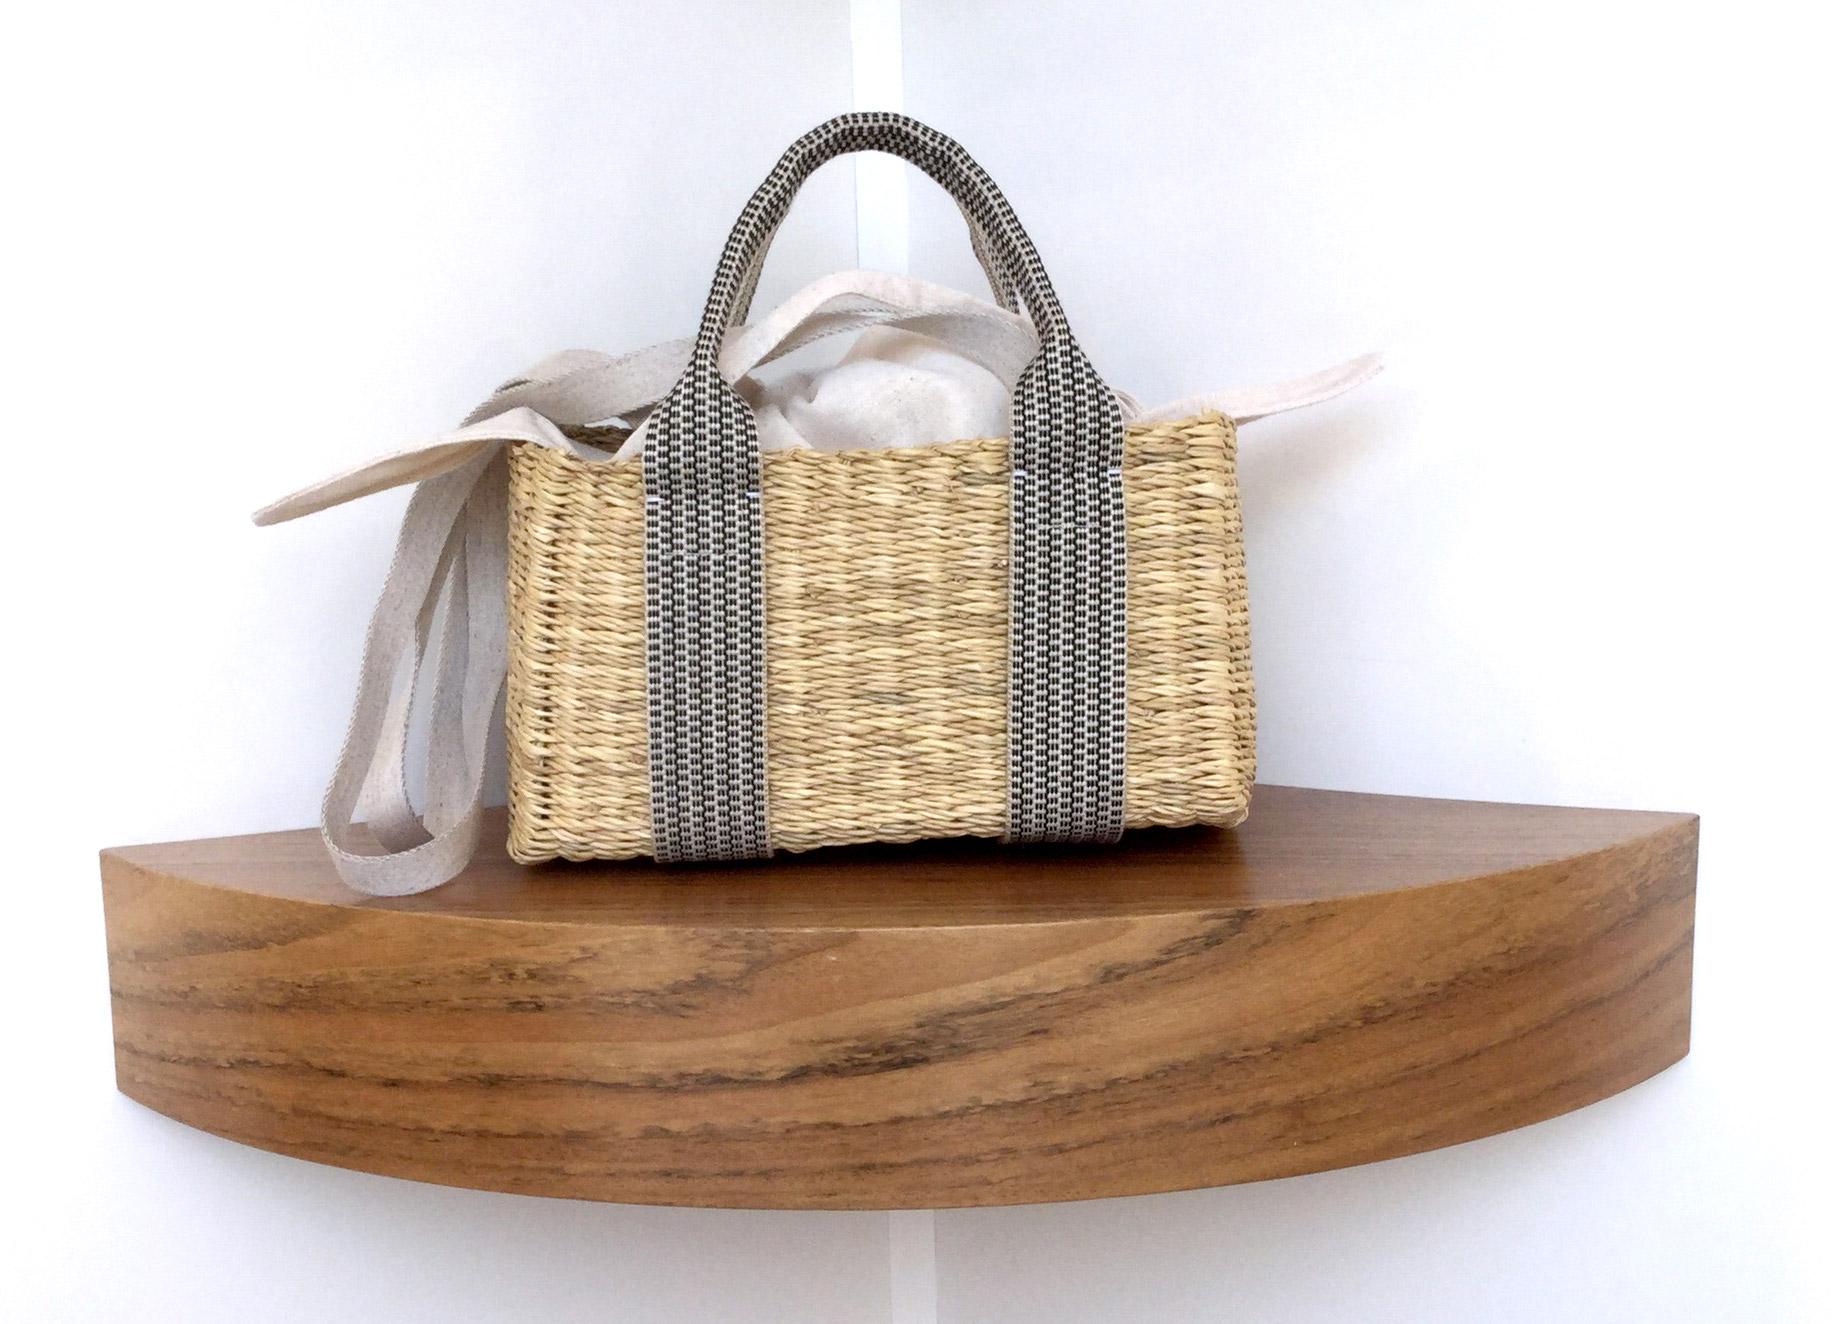 Bolso Muuñ de paja Manon K Cotton, tamaño mini e interior de algodón - PATOS Valencia